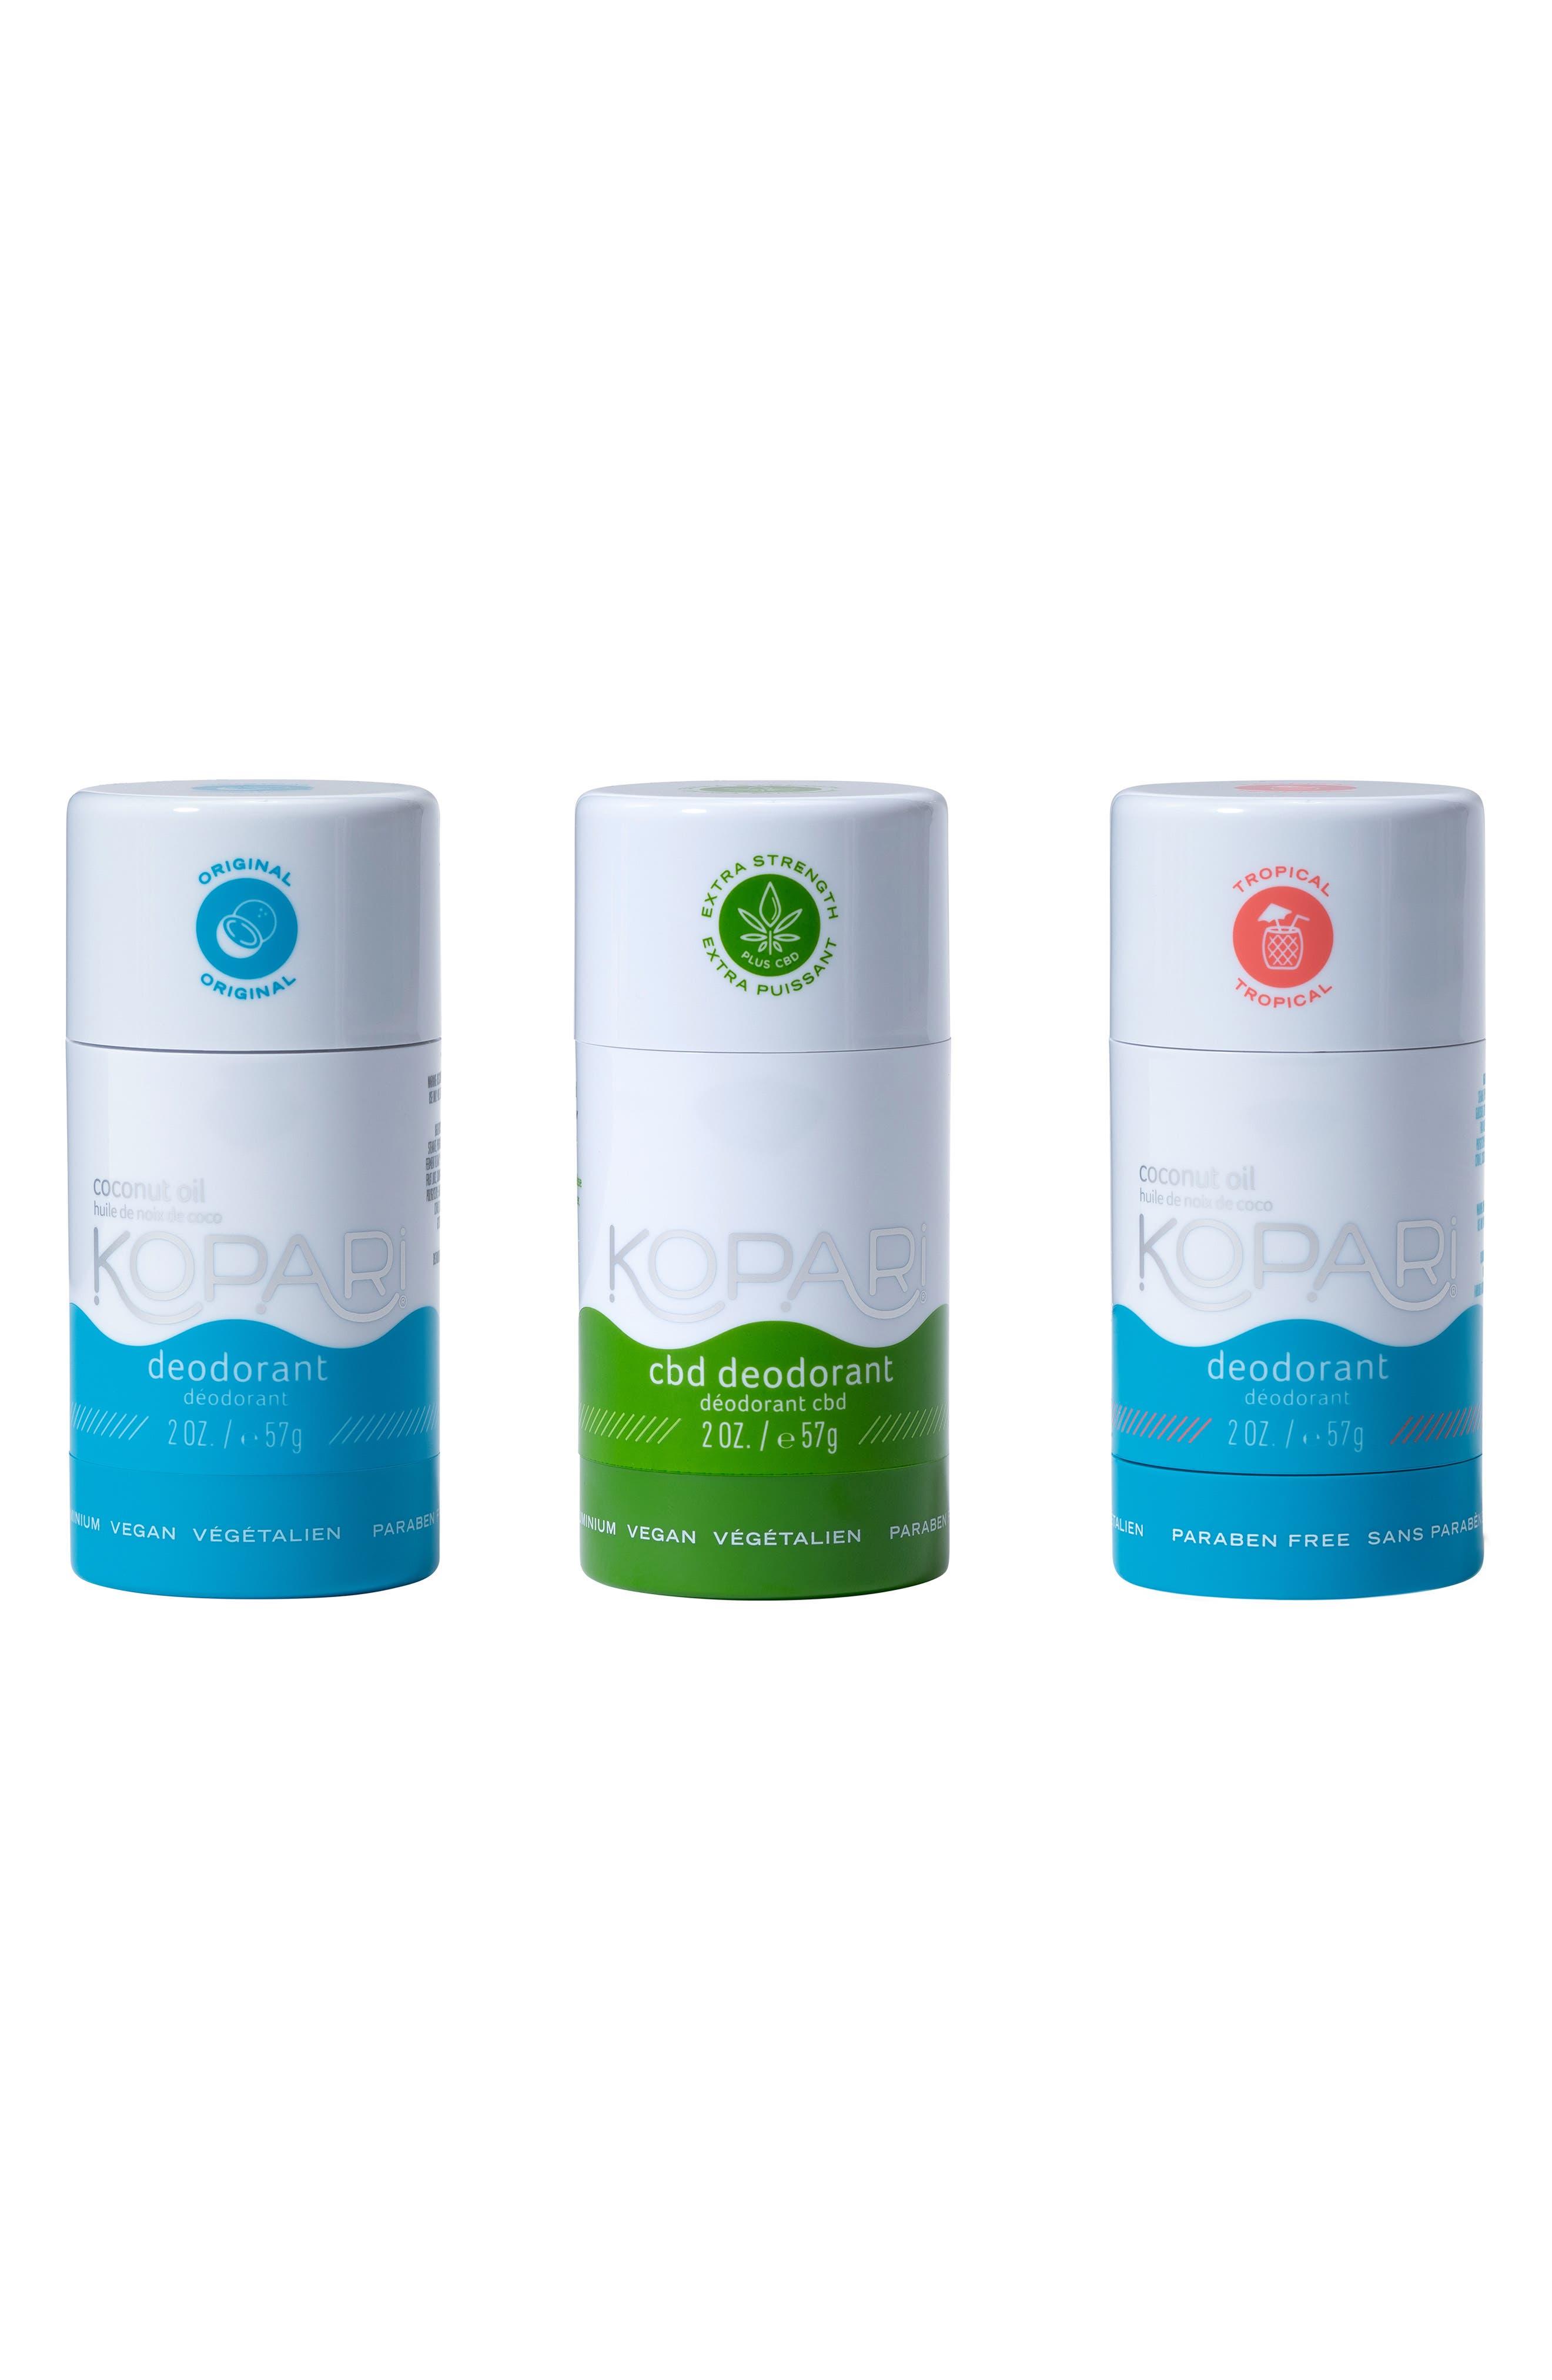 Full Size Coconut Deodorant Set-$46 Value (Nordstrom Exclusive)